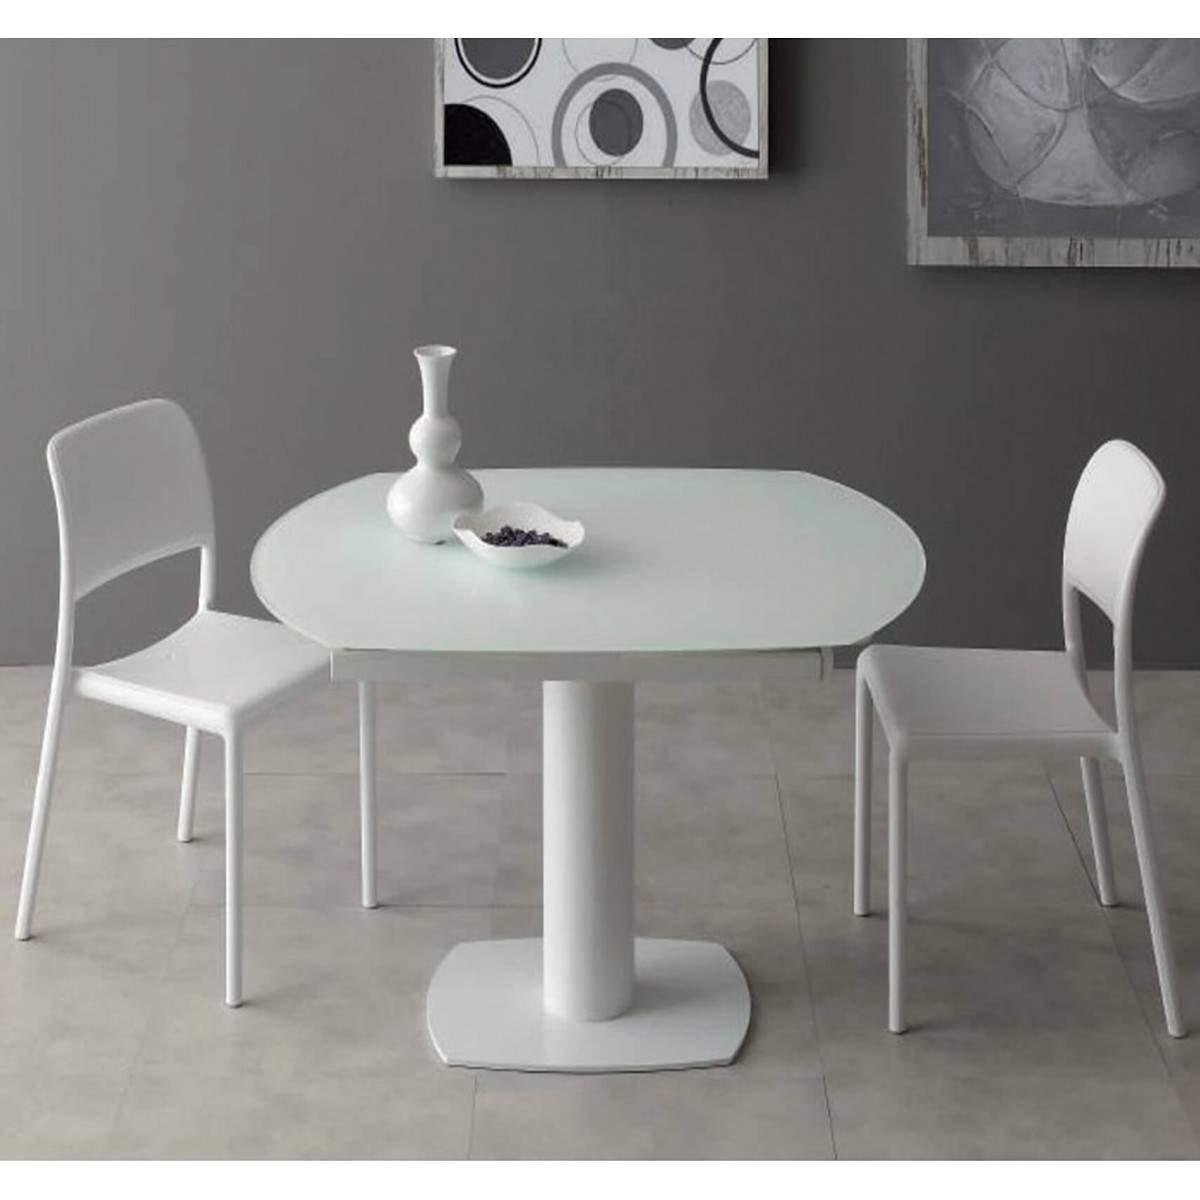 Tavolo Allungabile Prometeus Art.650- La Seggiola, Miglior Prezzo